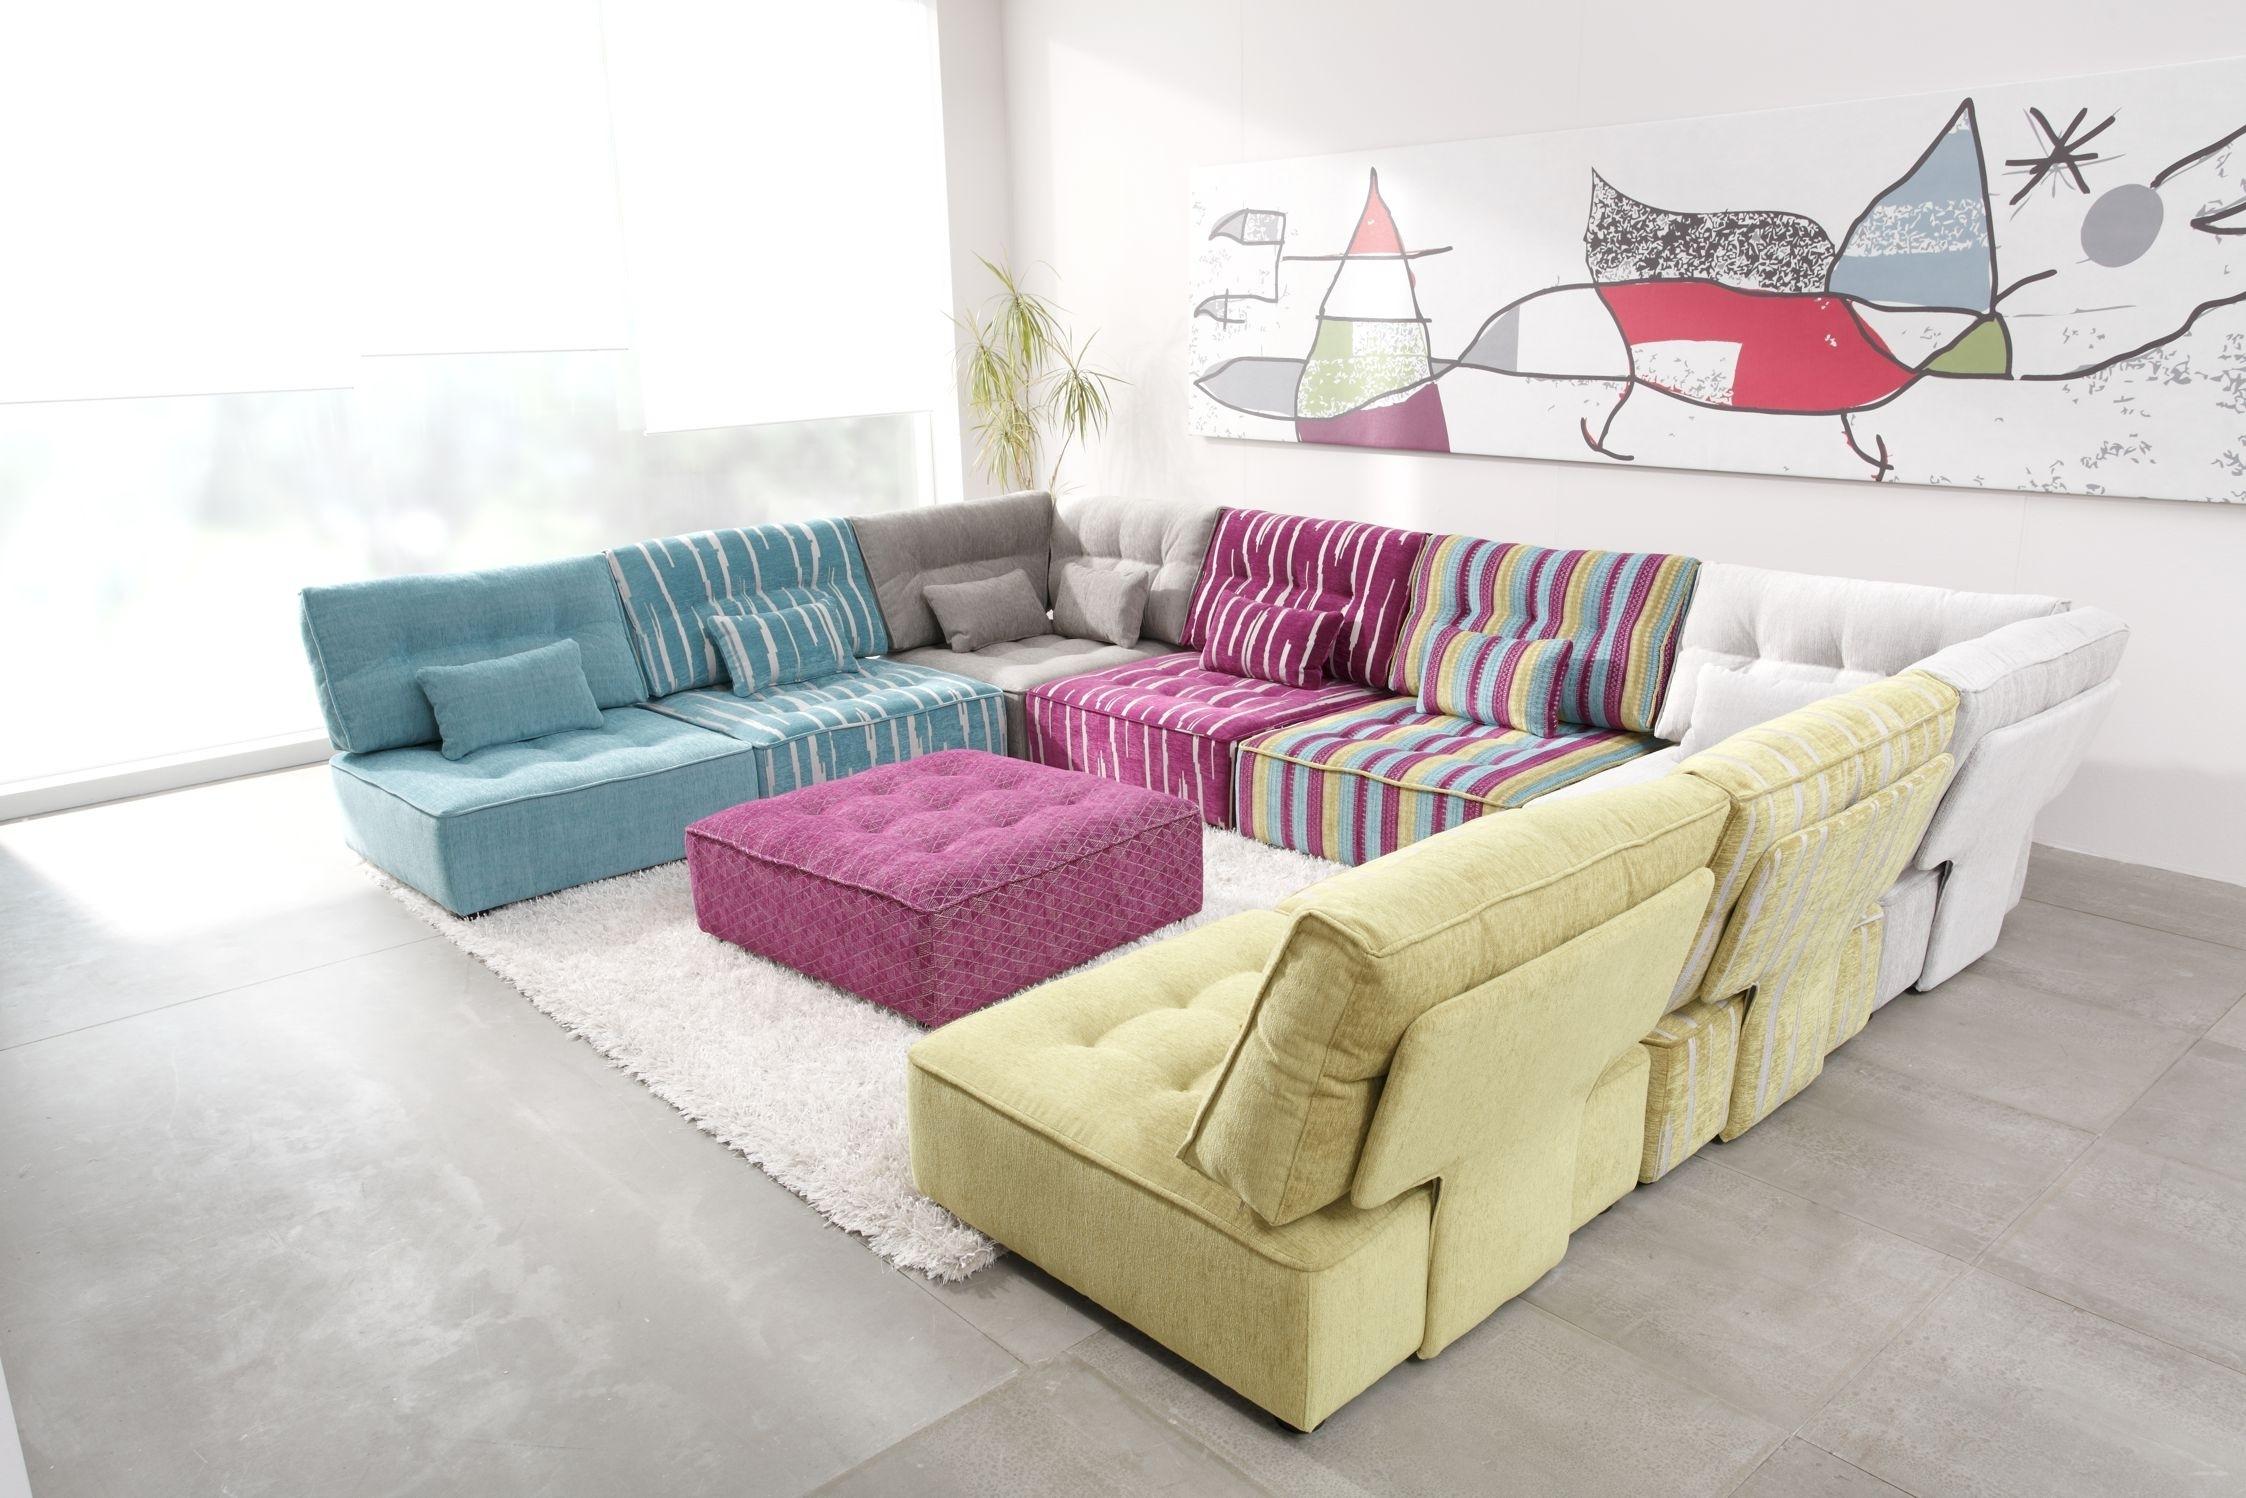 Arianne Modern Modular Sectional Sofa | Fama Sofas Inside Modular Sectional Sofas (View 7 of 10)